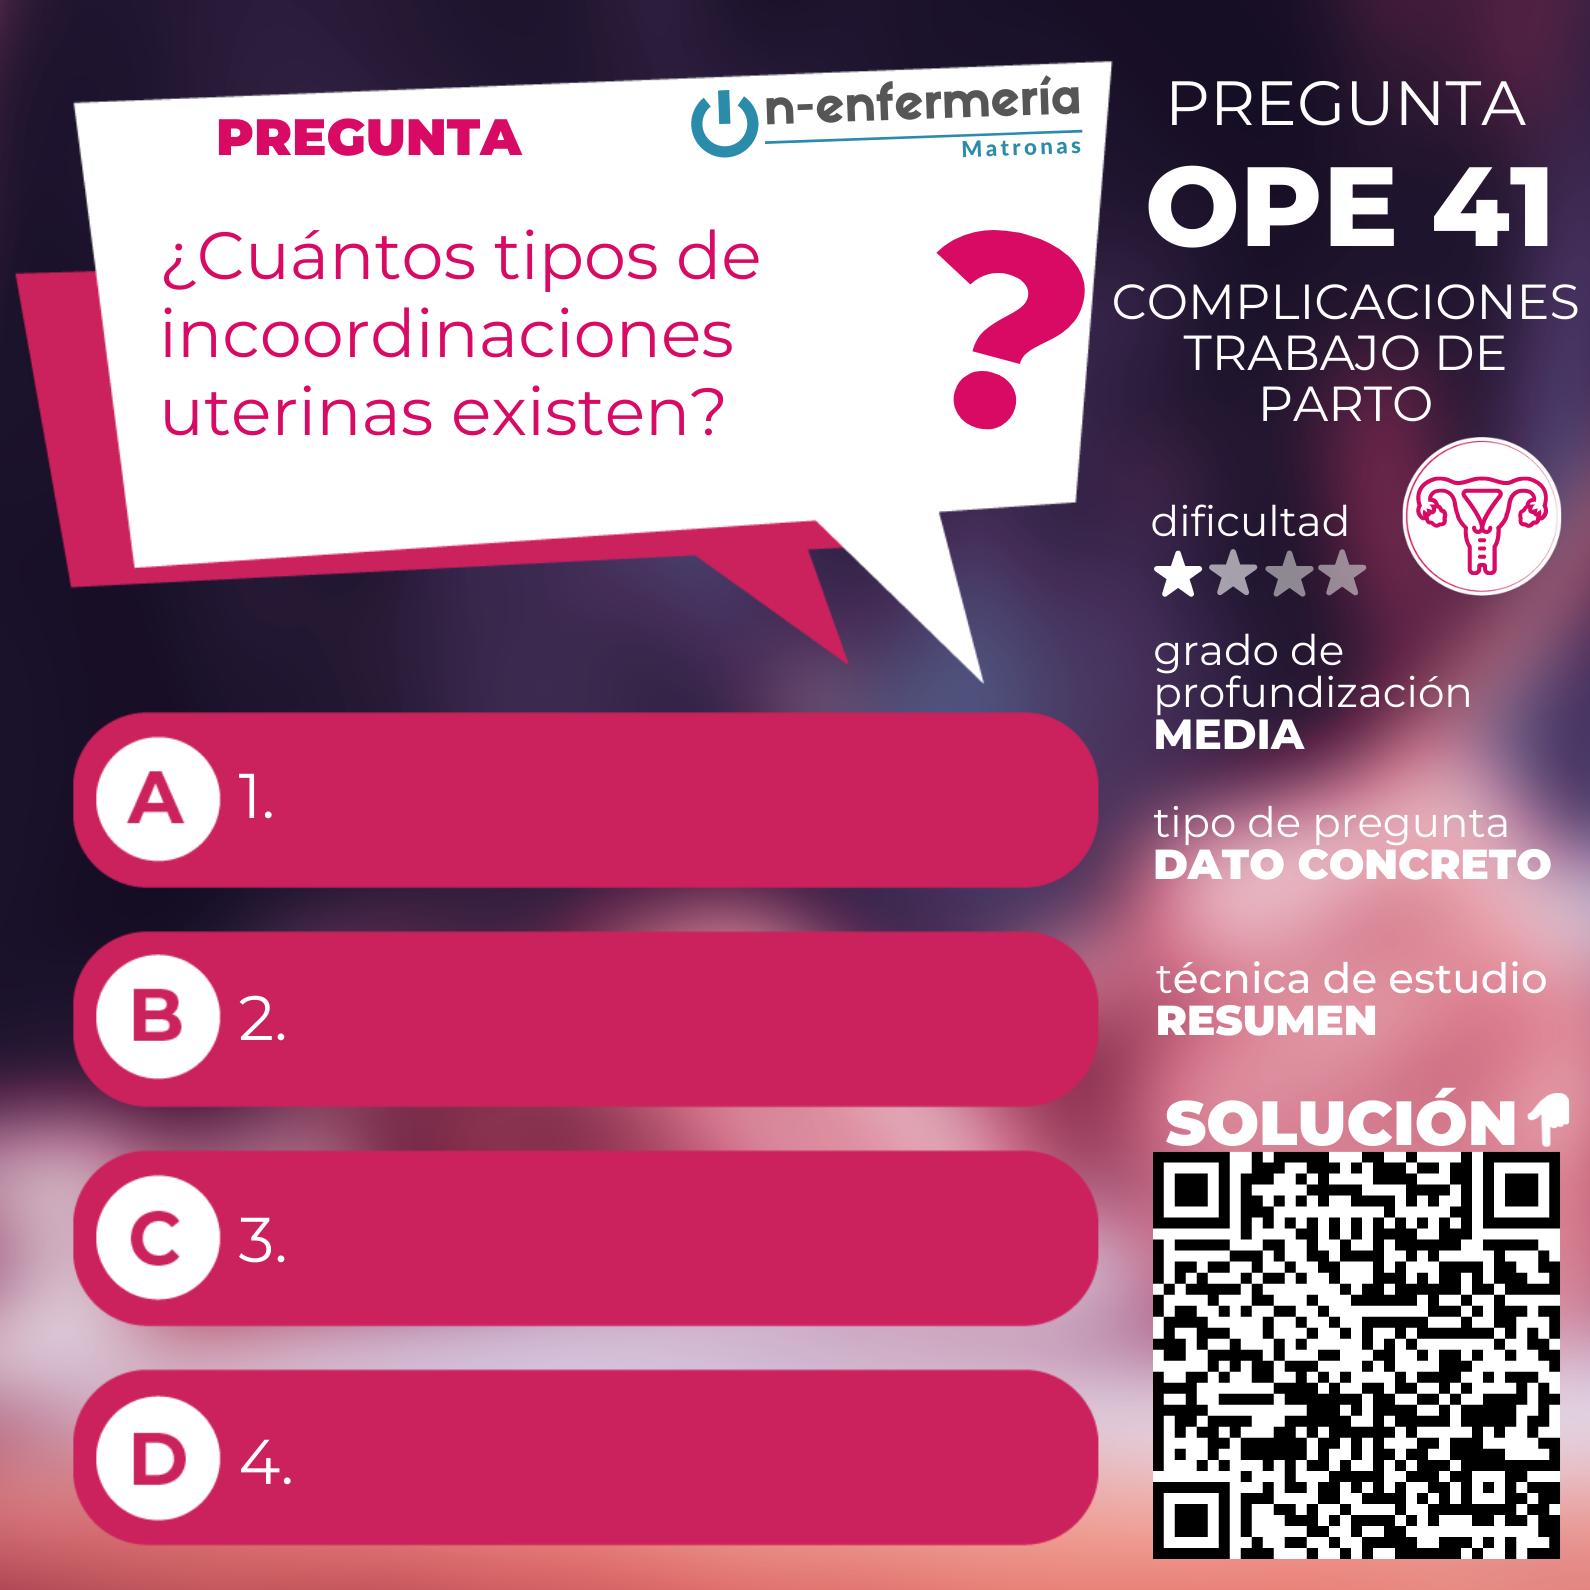 Pregunta OPE Matronas nº 41 - Complicaciones trabajo de parto